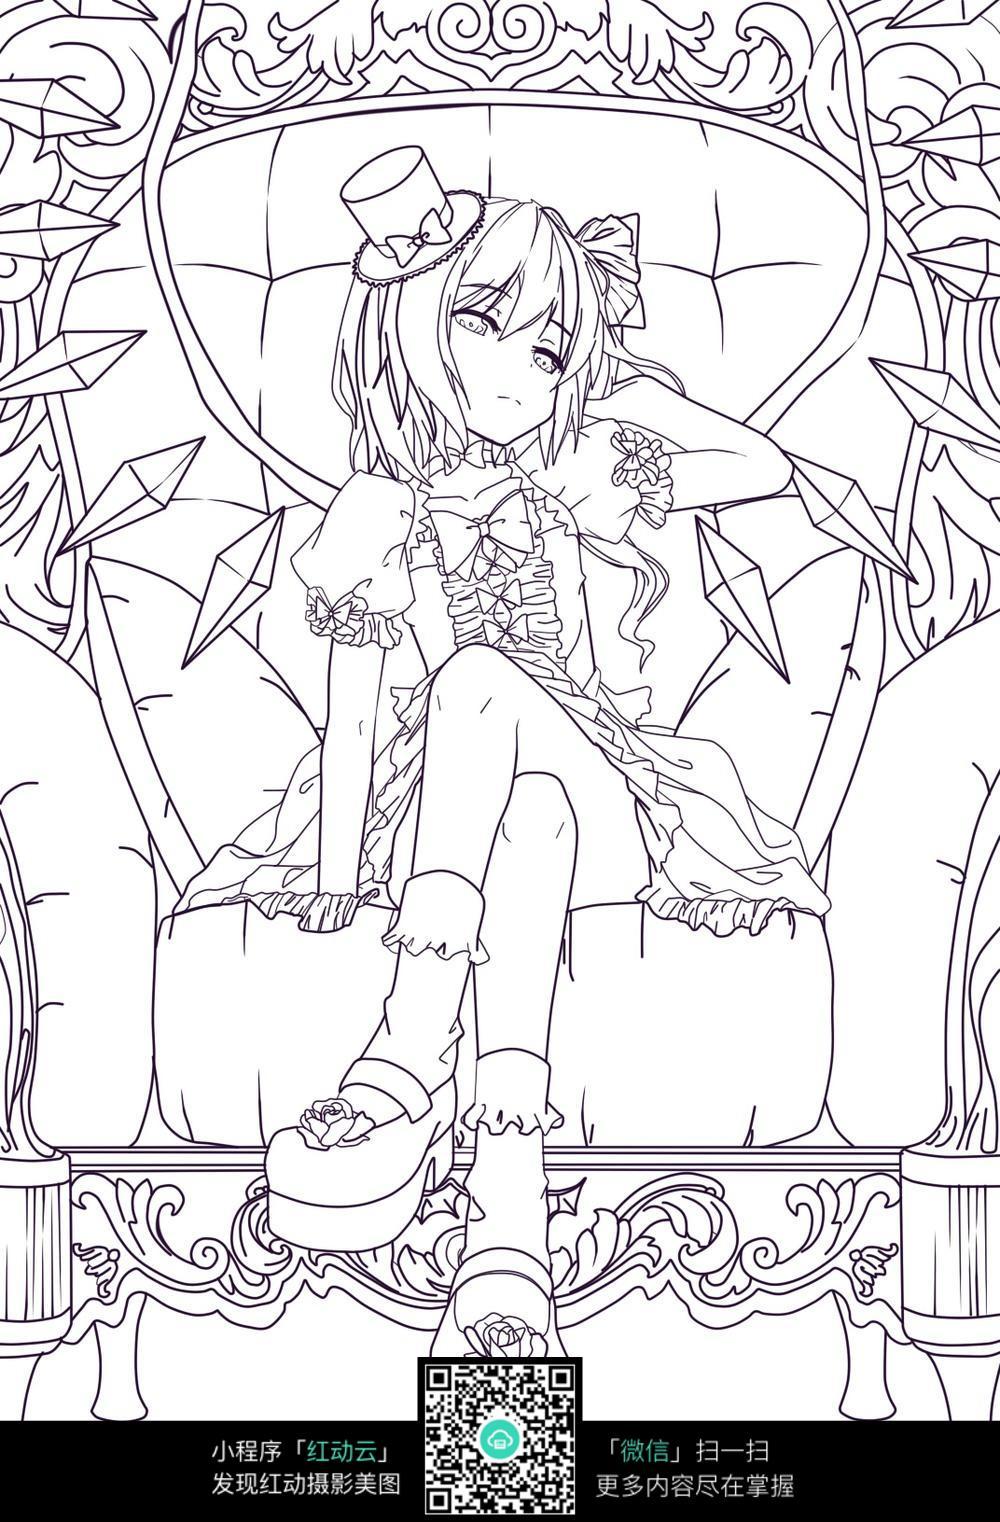 座椅上的动漫女生_人物卡通图片